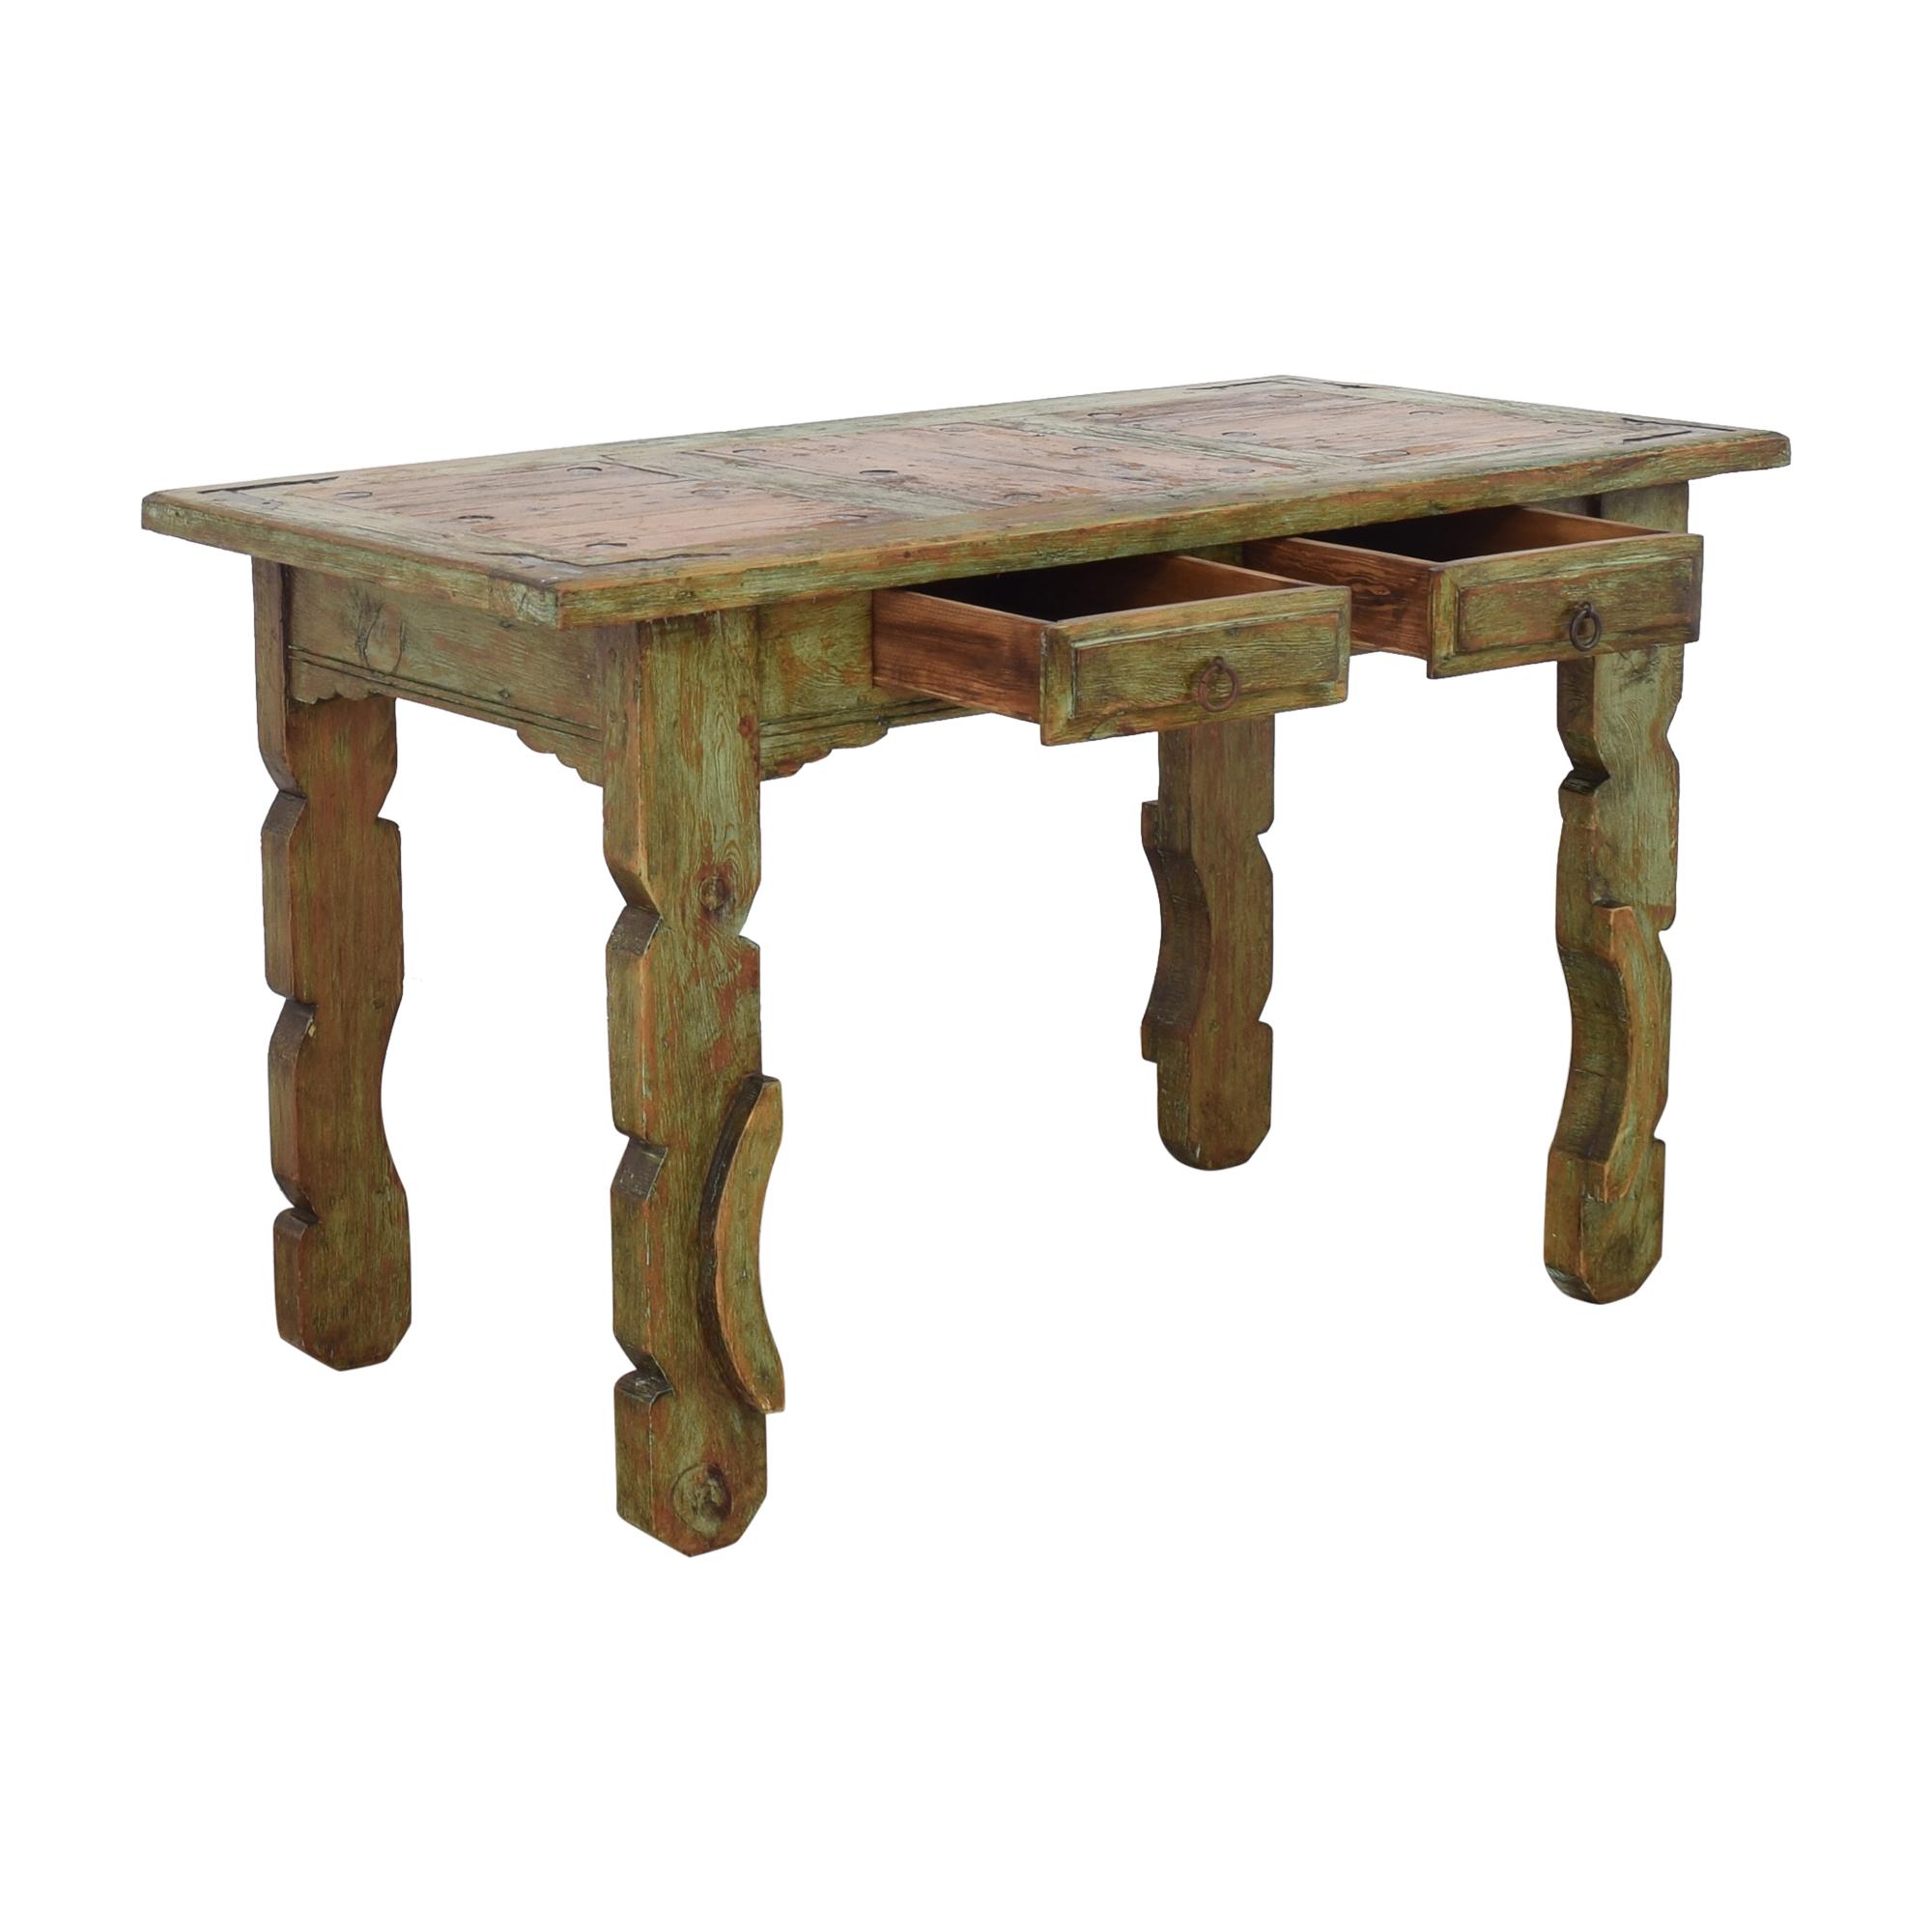 shop El Barzon Rustic Furniture Reclaimed Dining Table  El Barzon Rustic Furniture Tables